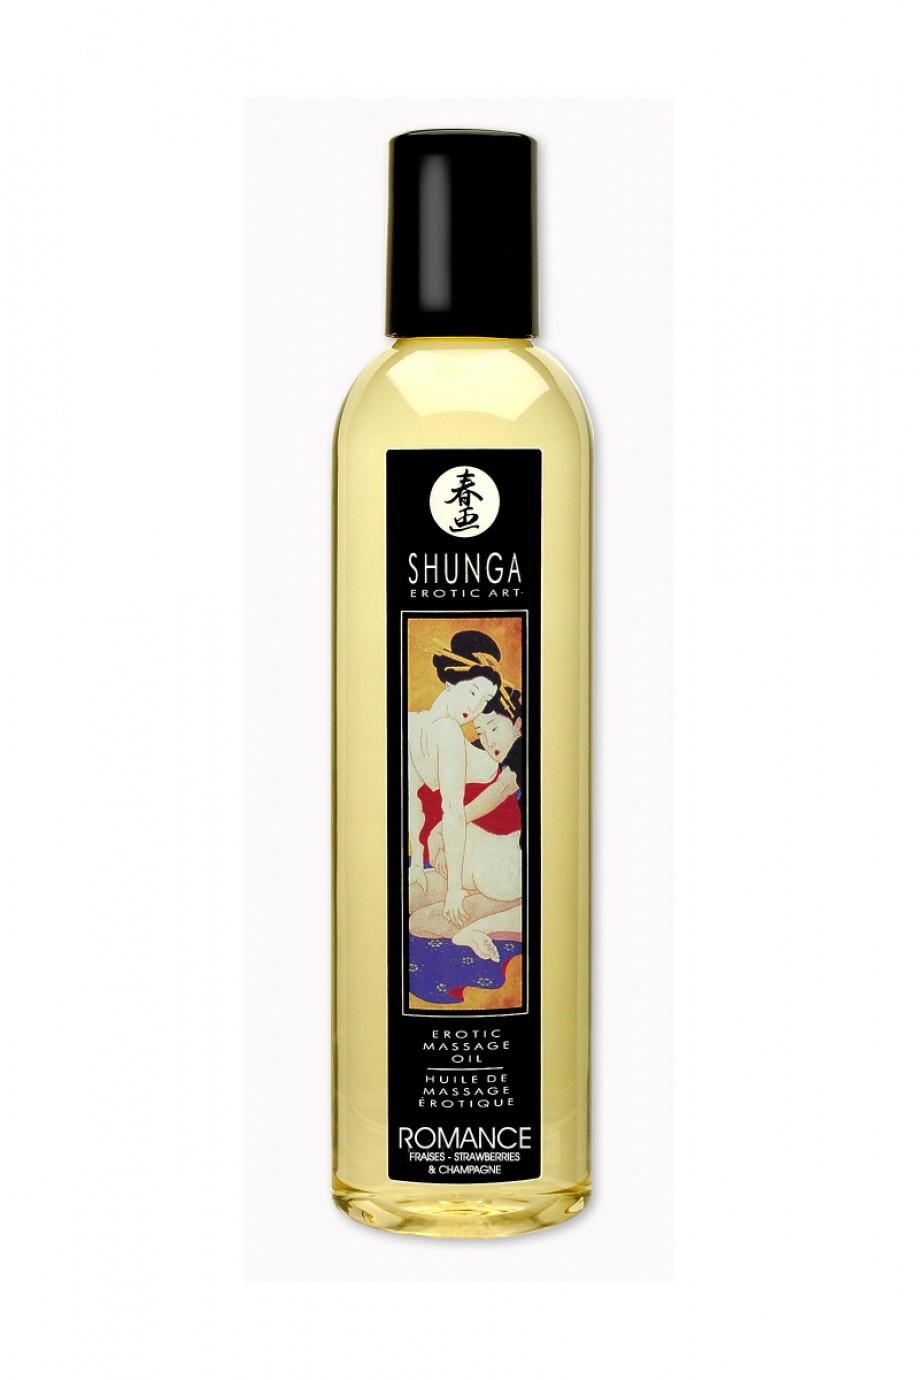 Масло для массажа Shunga Романс «Клубника и шампанское», натуральное, возбуждающее, с клубничным ароматом, 250 мл